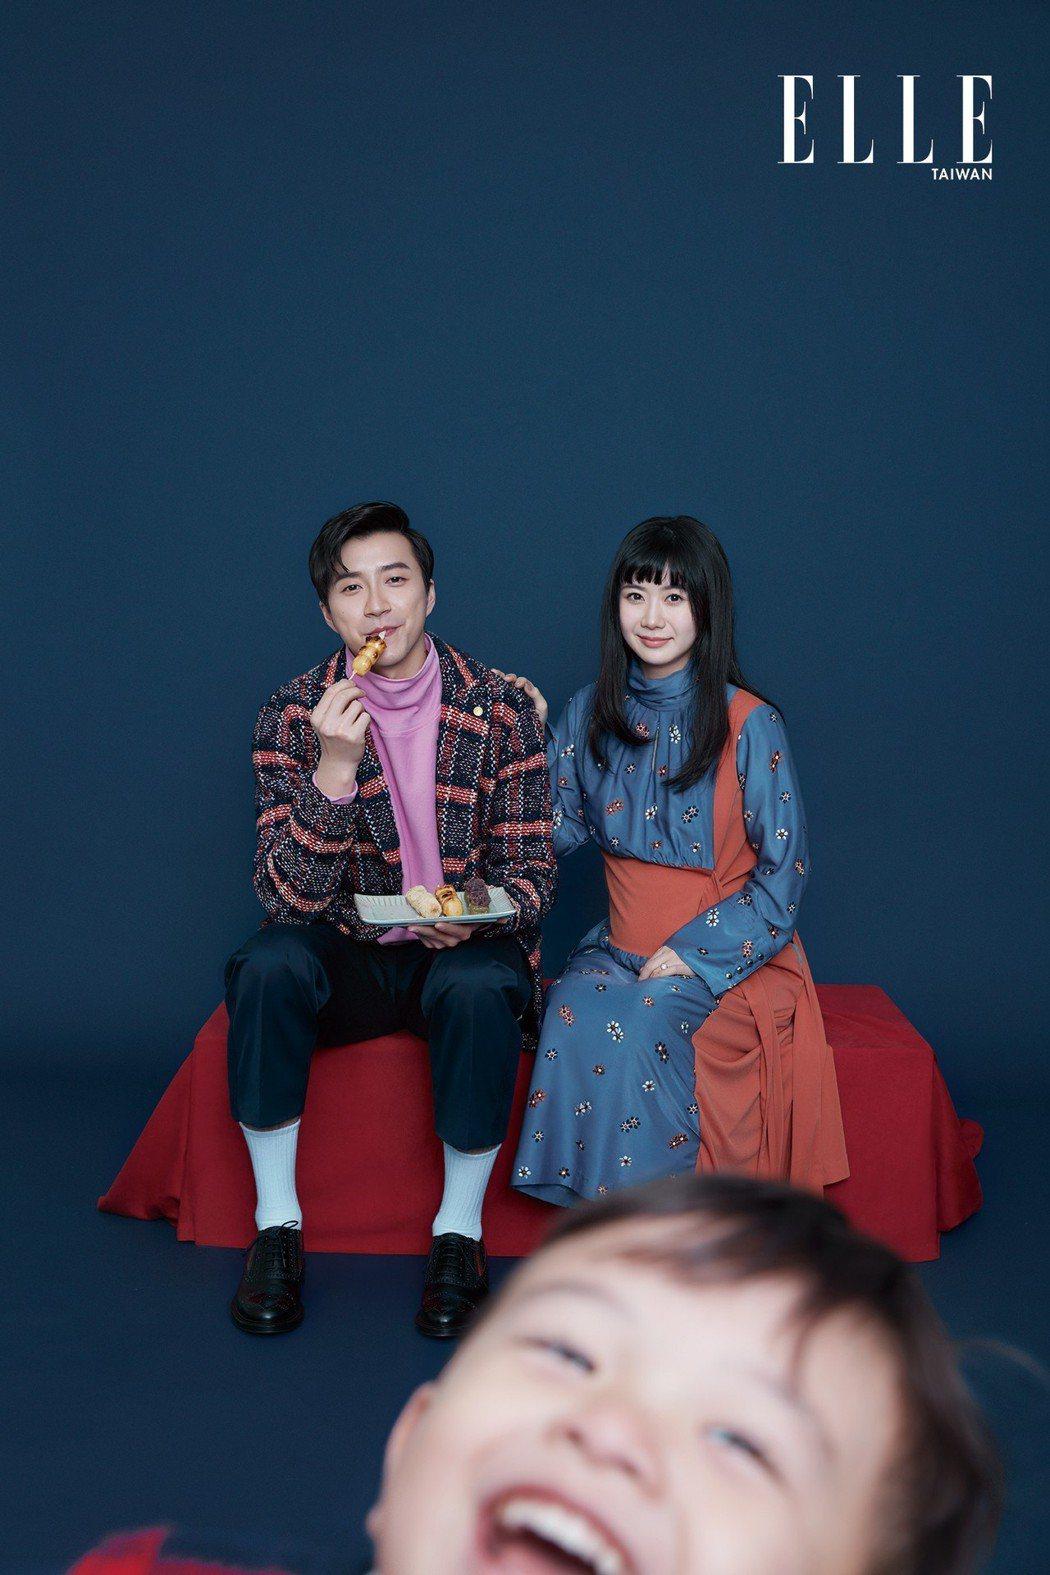 江宏傑(左)與福原愛一家三口拍攝雜誌。圖/ELLE提供